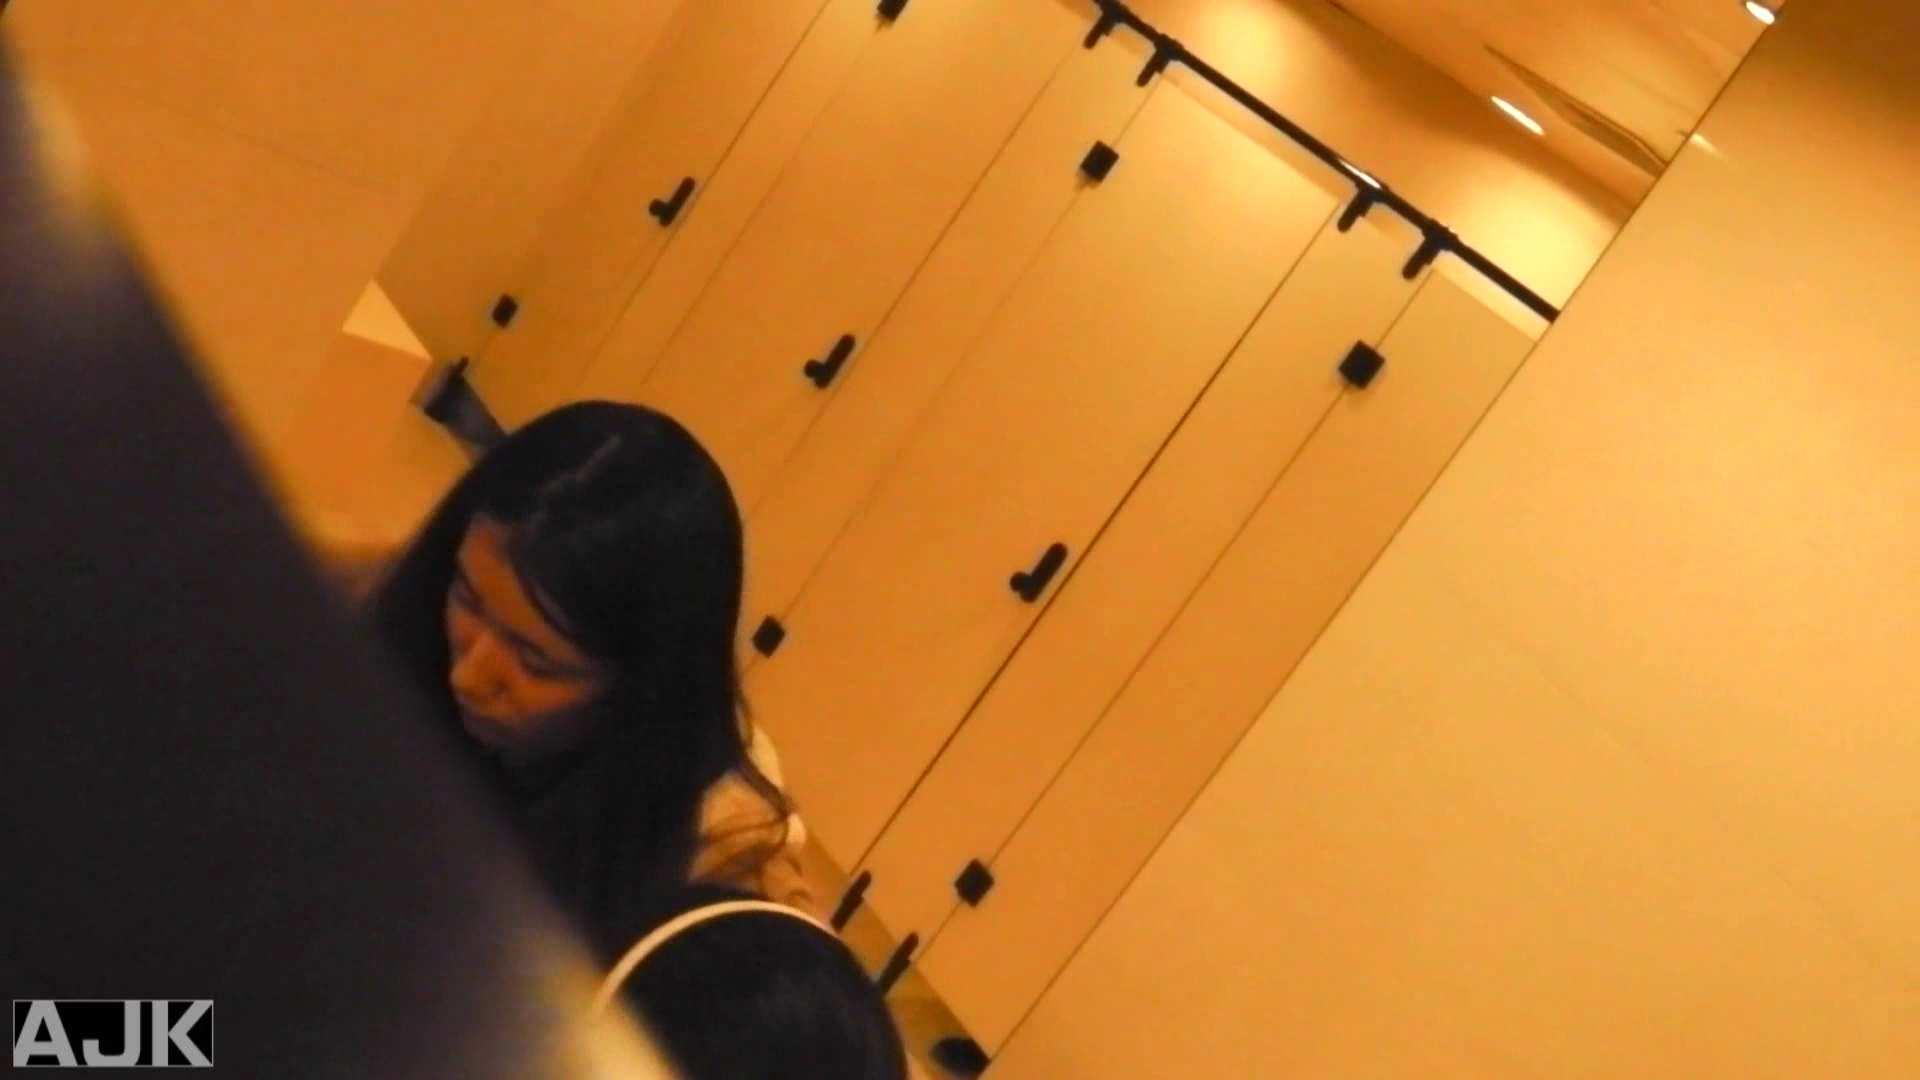 隣国上階級エリアの令嬢たちが集うデパートお手洗い Vol.11 OLの実態  58pic 22